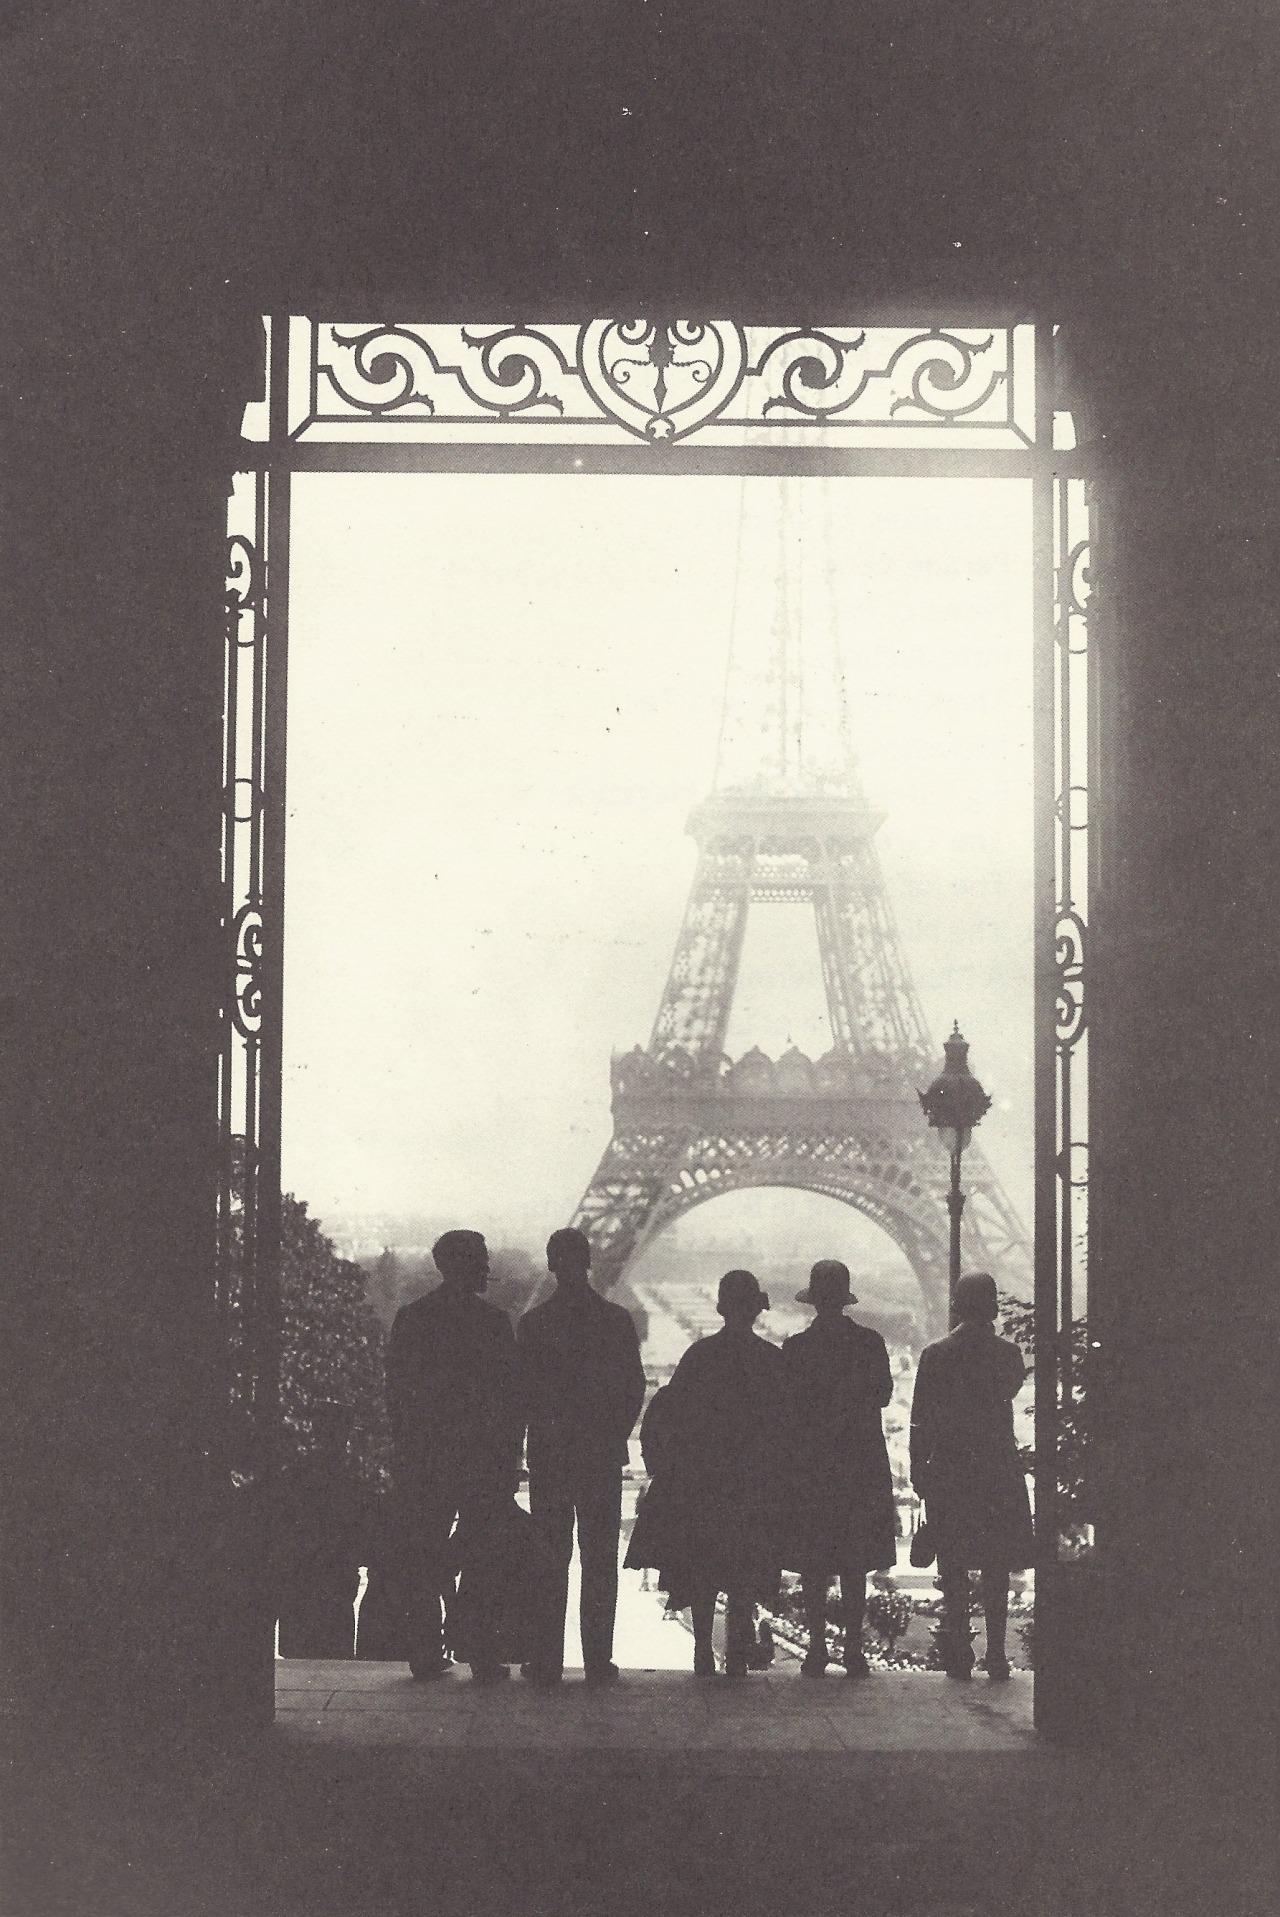 Fotografía extraída del blog Le cher visage de mon passé. Fotógrafo desconocido.